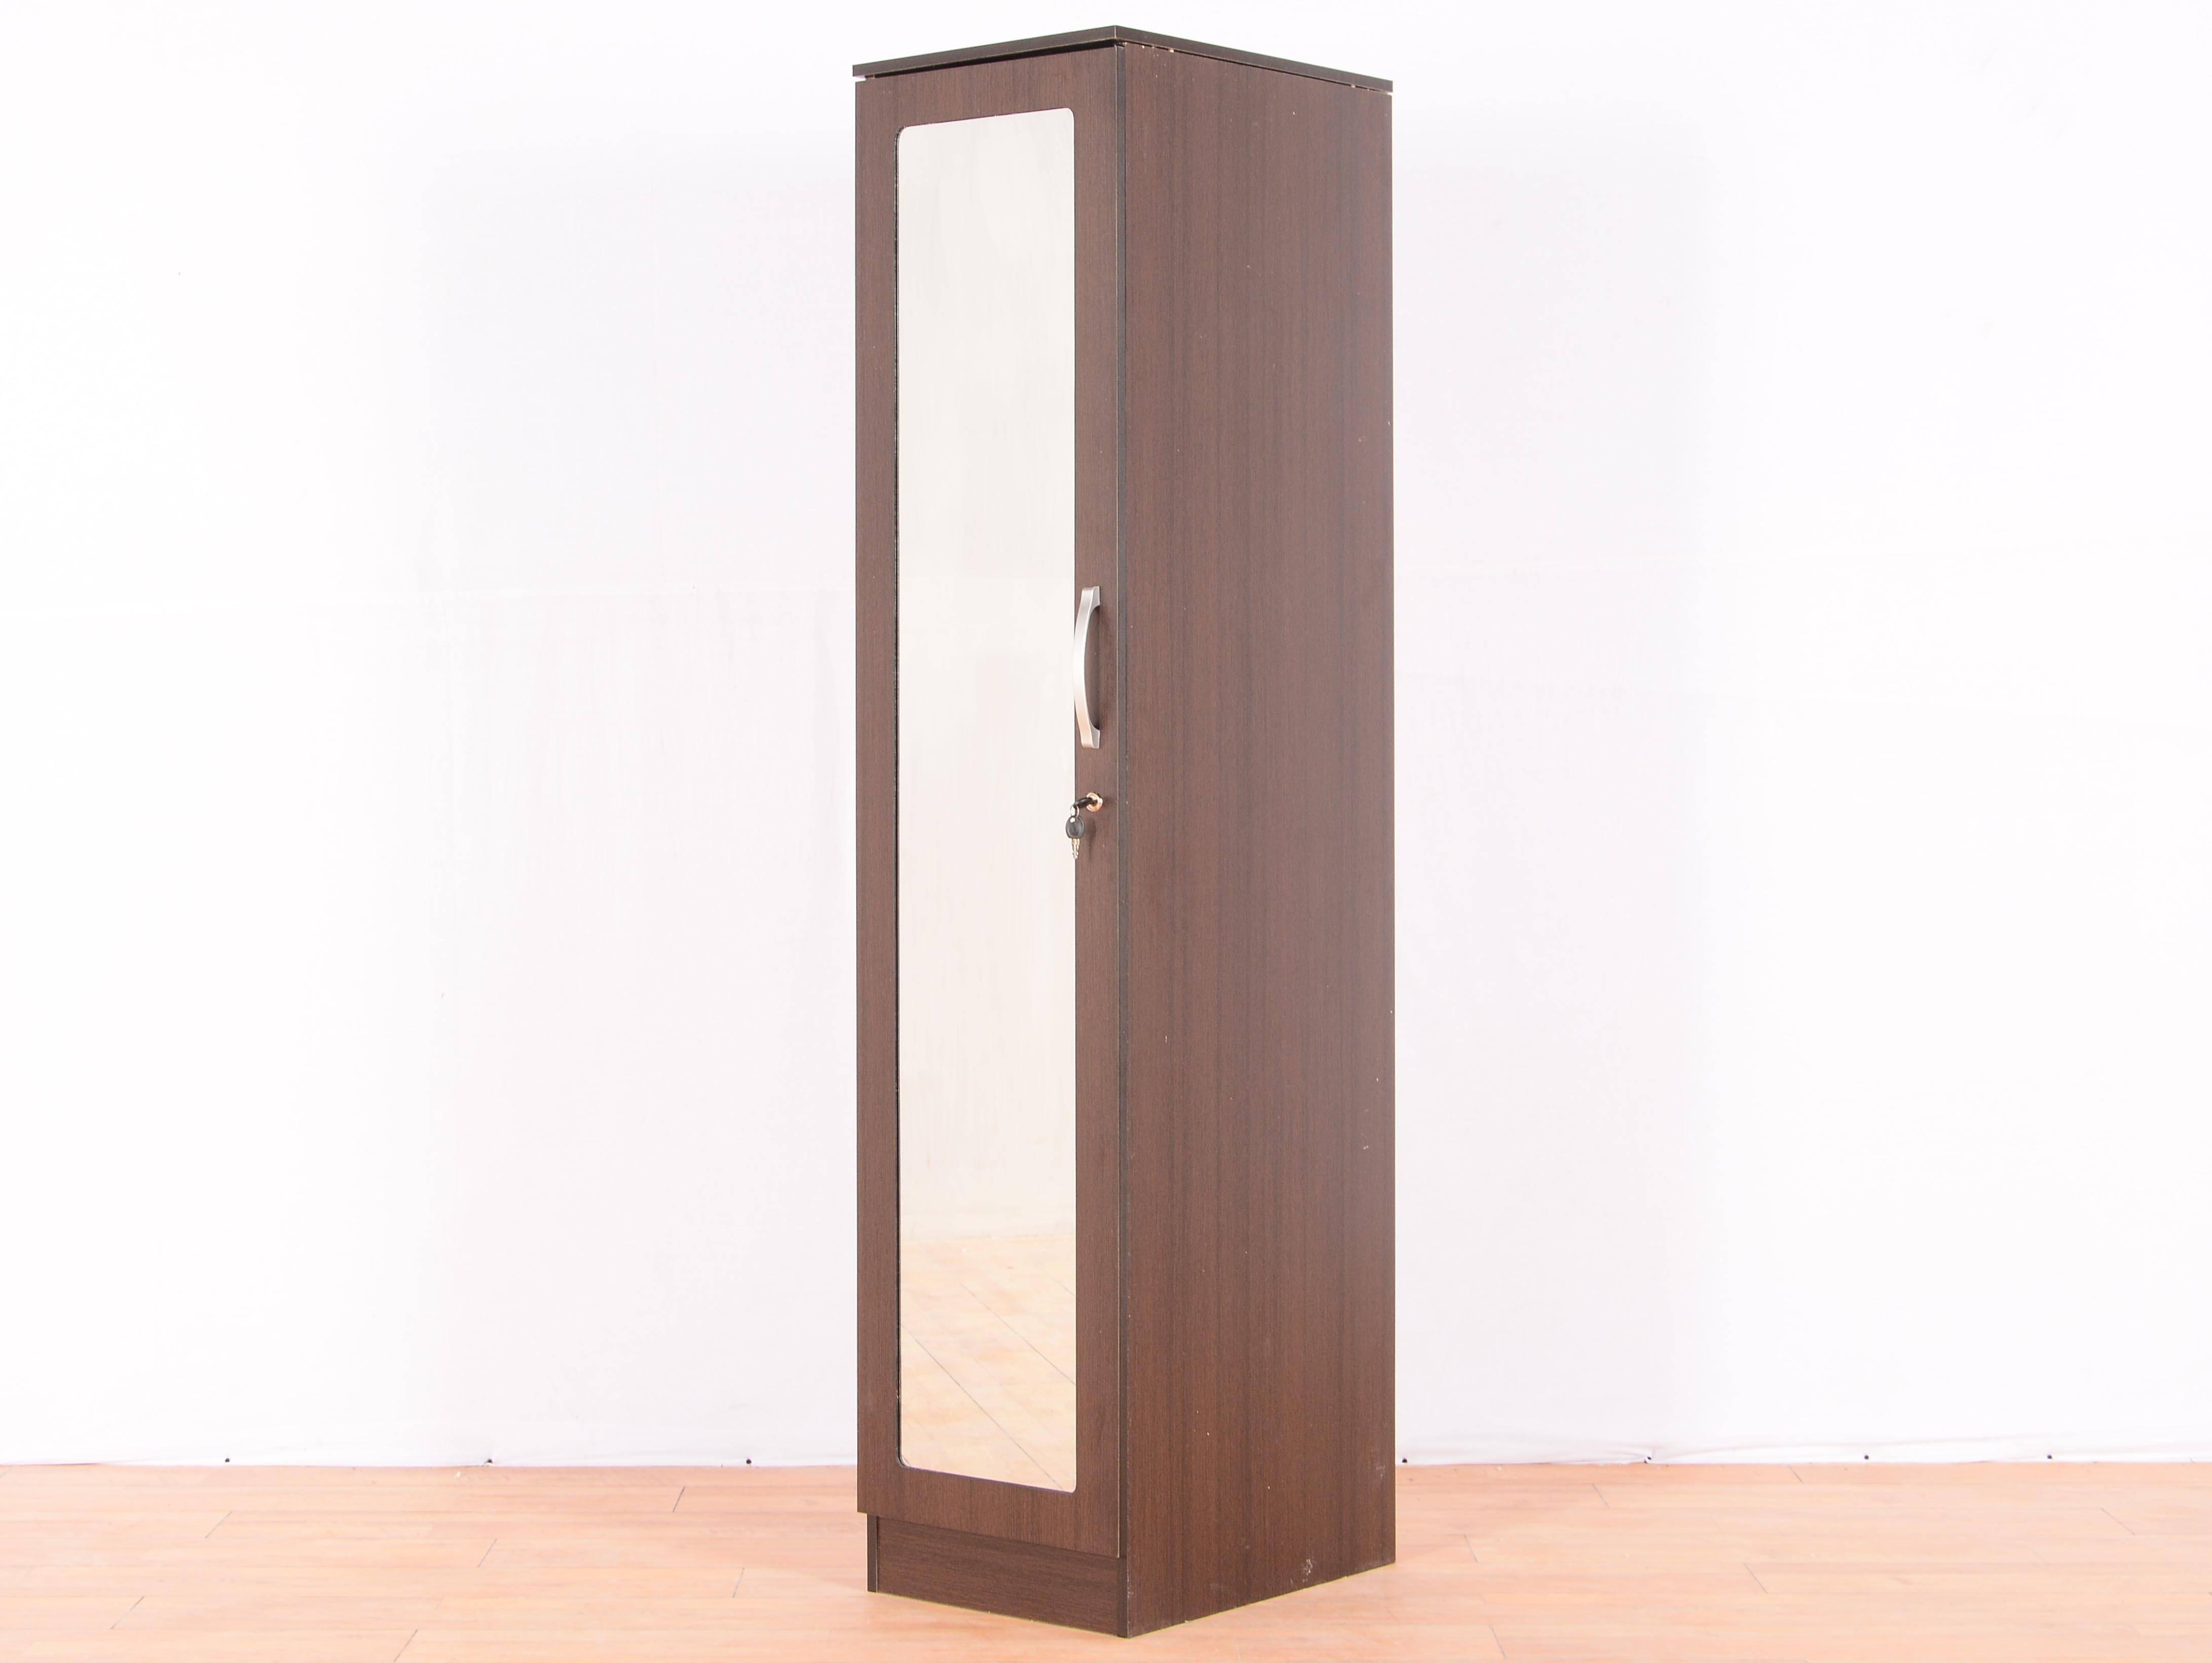 Rikotu Single Door Wardrobe With Mirrormintwud: Buy And Sell In Single Door Mirrored Wardrobes (View 6 of 15)